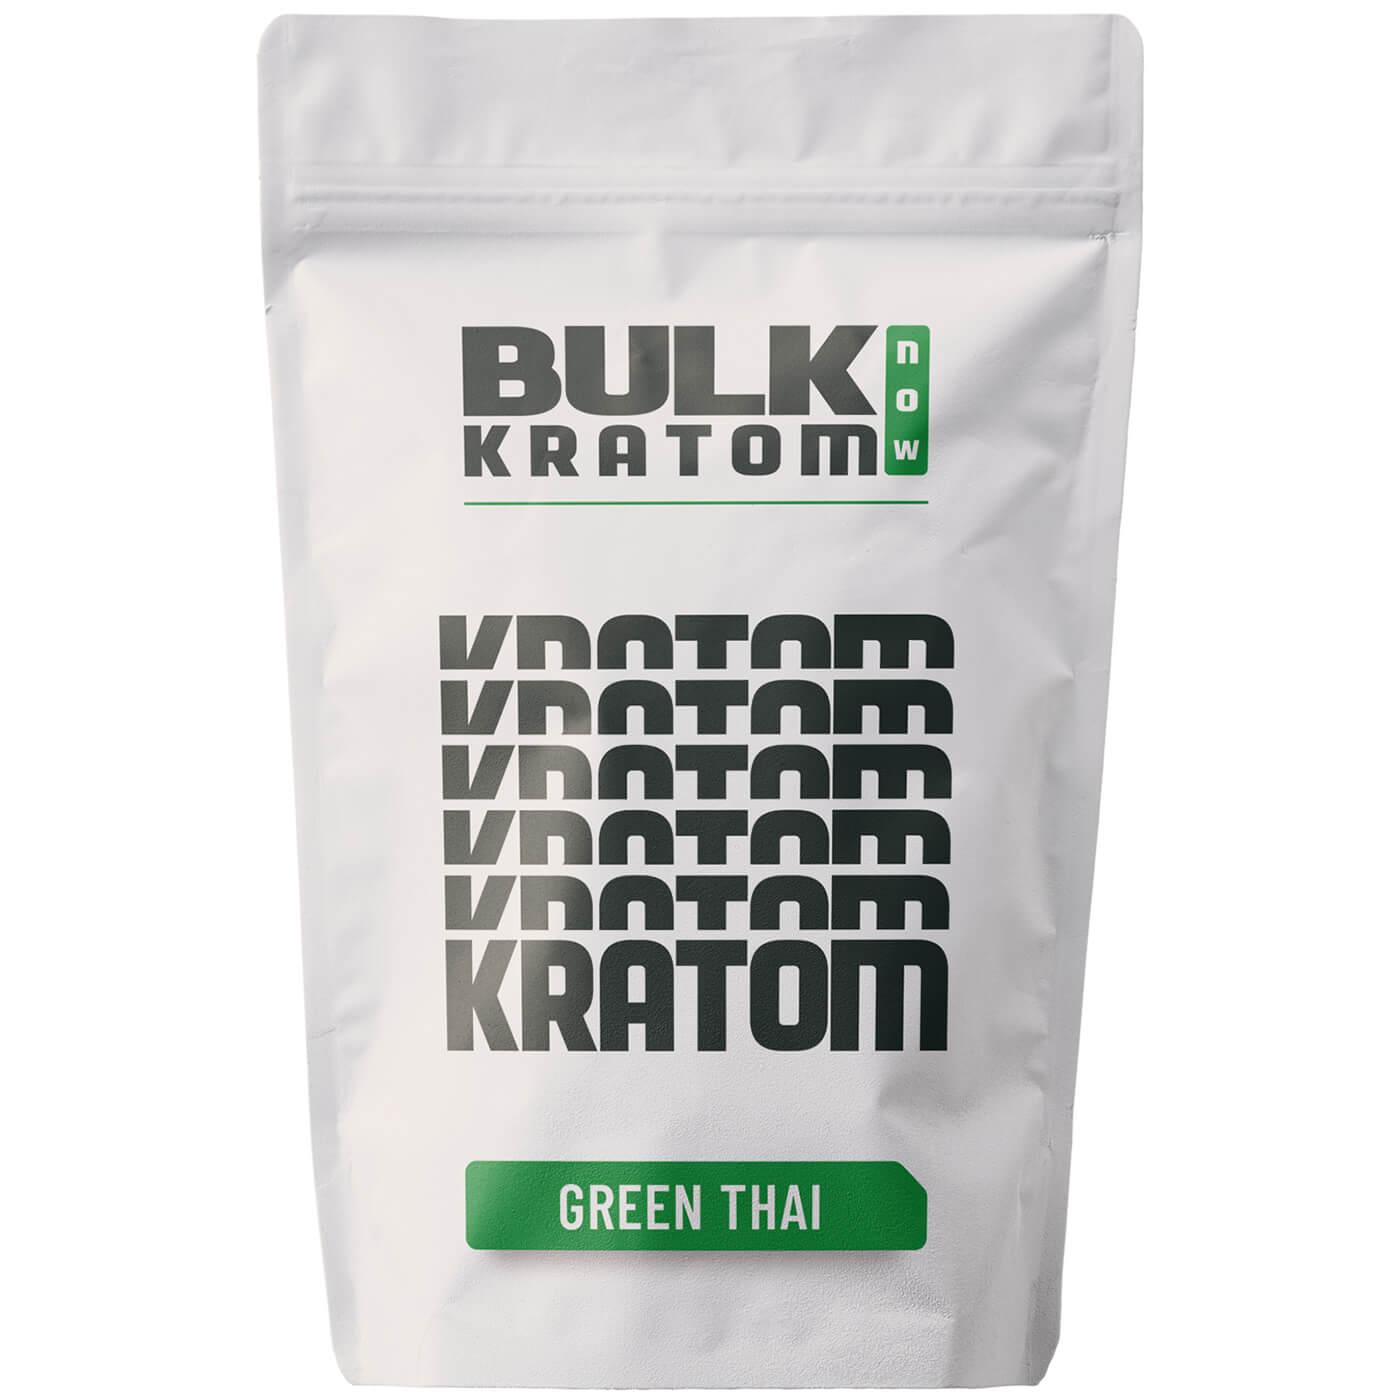 green thai kratom for sale